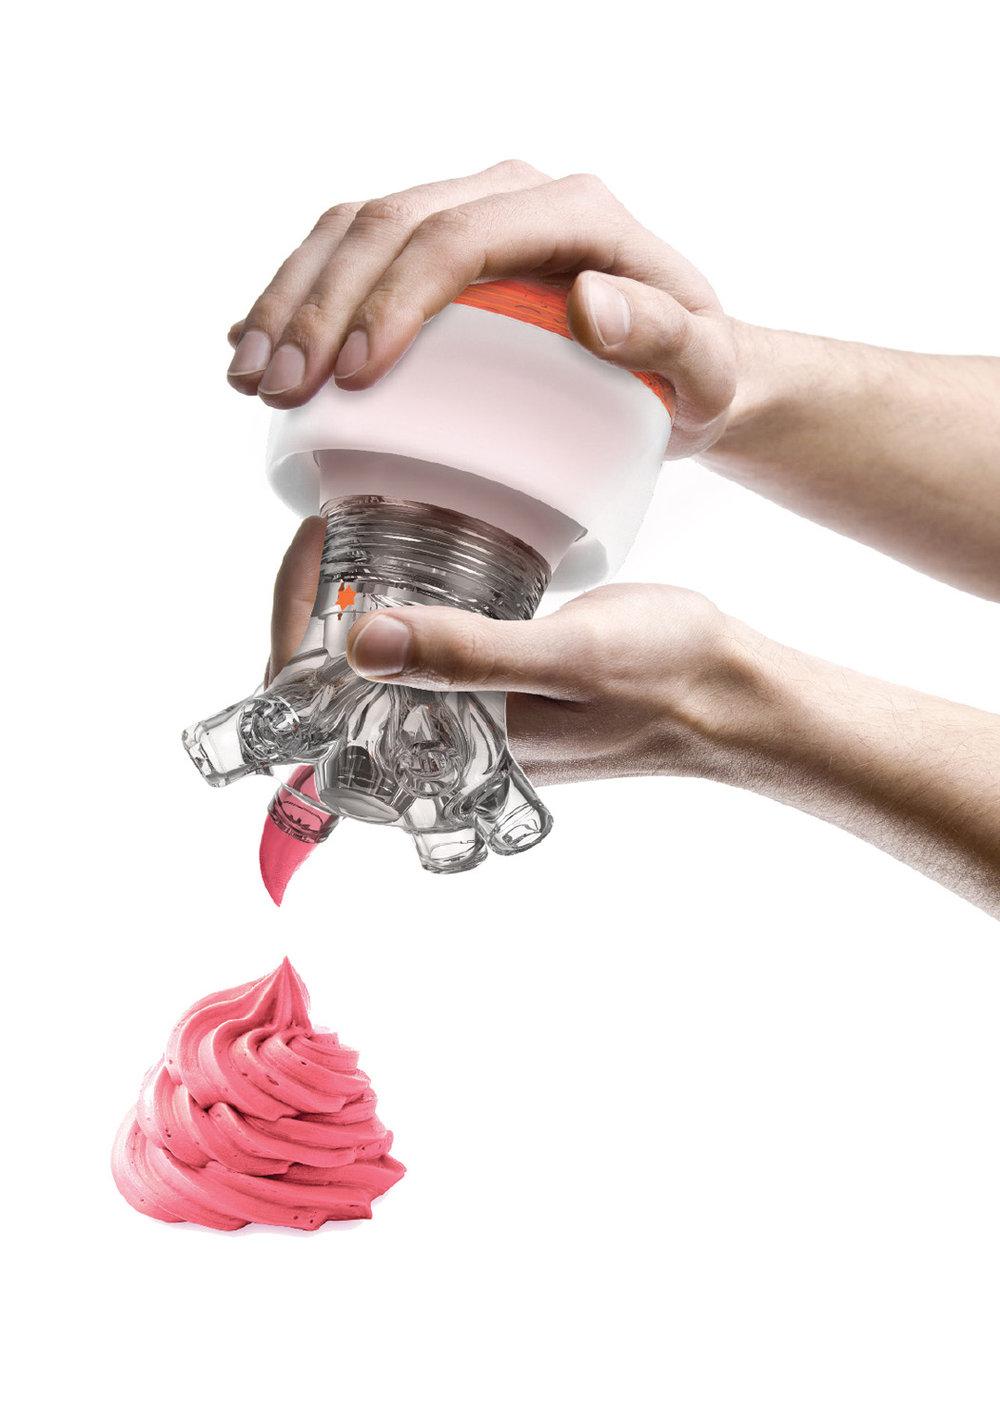 Se vide complètement - La précision du geste en plus... Que vous prépariez des macarons, verrines, choux à la crème et tout autre plat nécessitant l'ajout de crème ou de mousse le PASTRYPOD vous assure un geste précis et vous permet de changer de douille en un tour de main.• Sa tête en acrylique et sa base plastique vous offrent une parfaite prise en main, ce qui vous aide à vider la poche complètement.